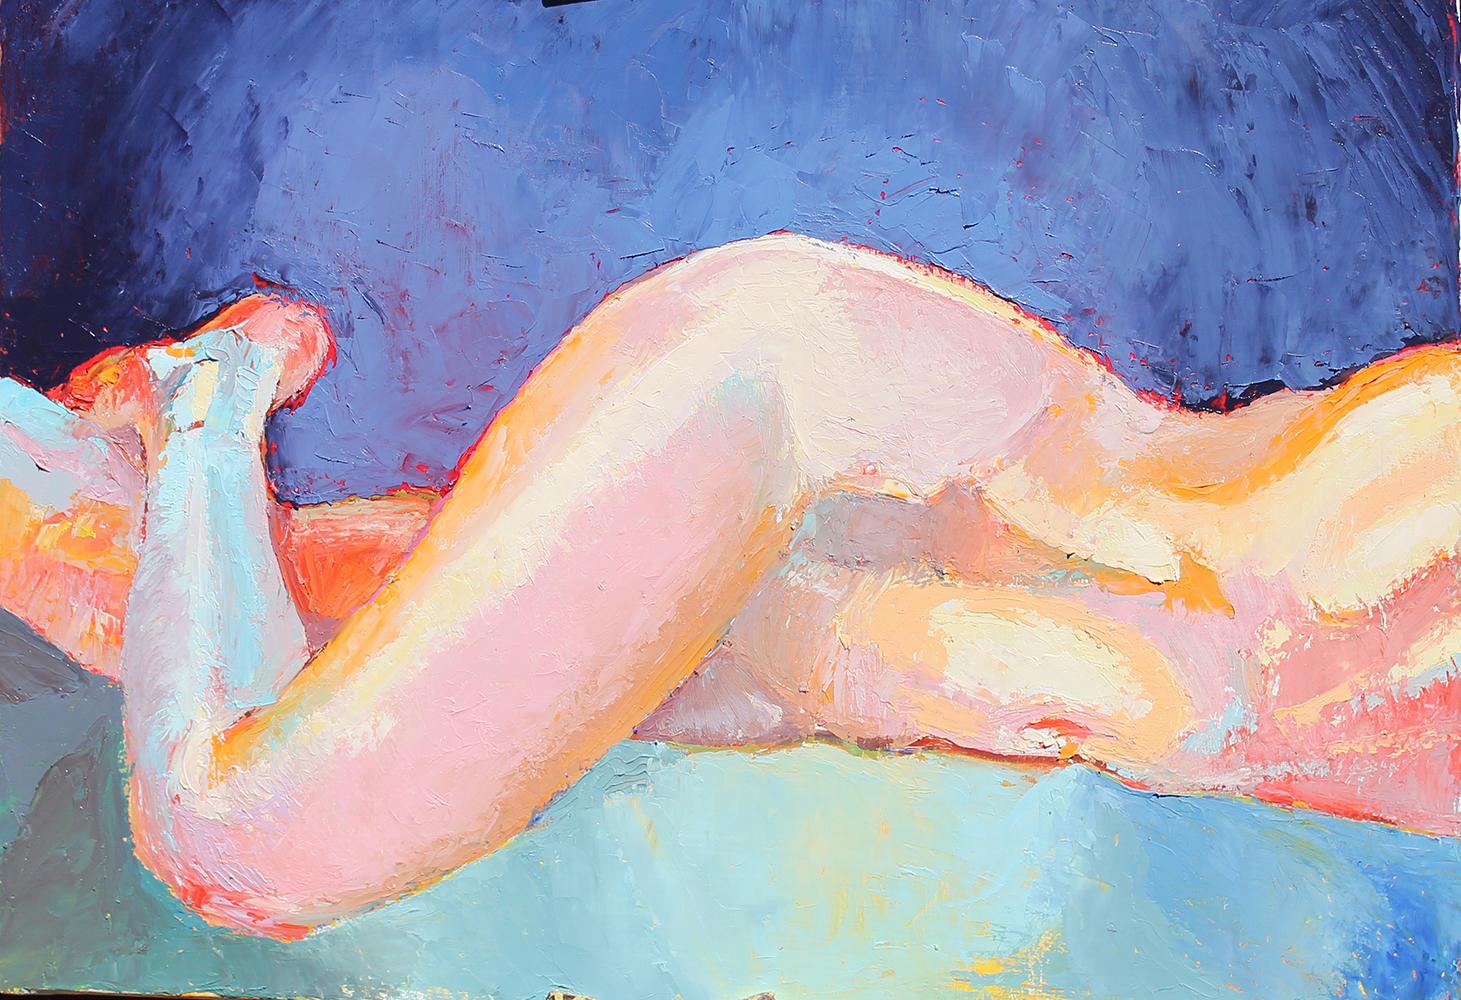 Claude Pelet Artiste Peintre - Nus - Paix